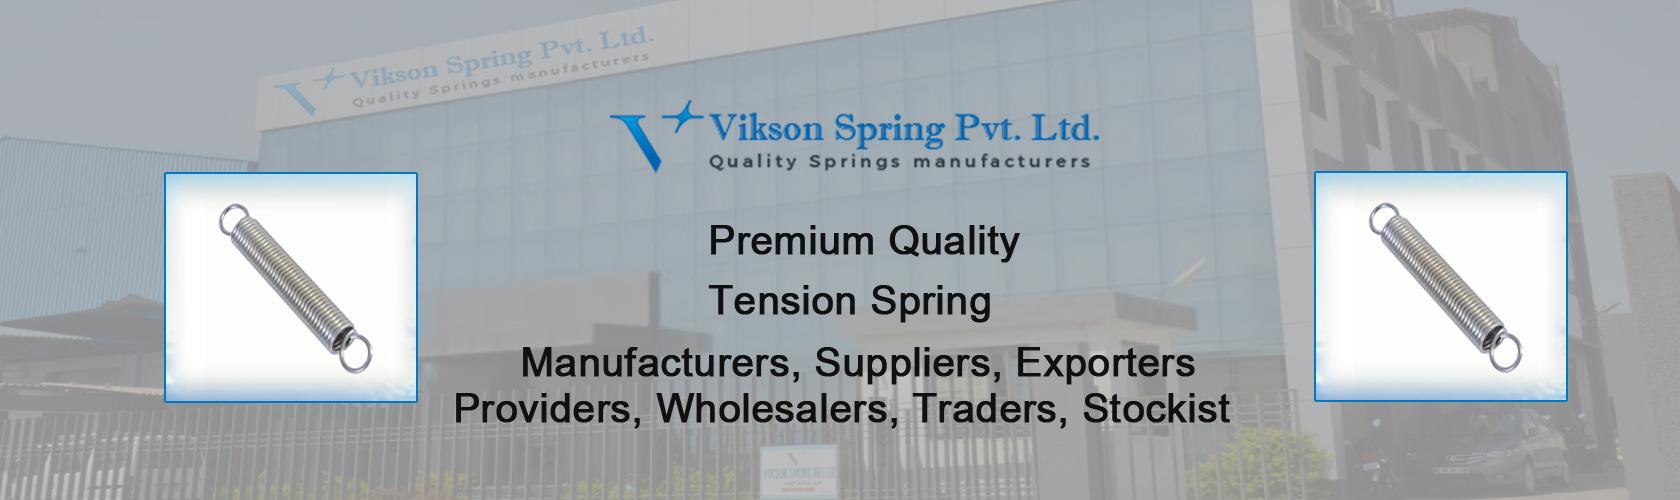 Torsion Spring Wholesalers